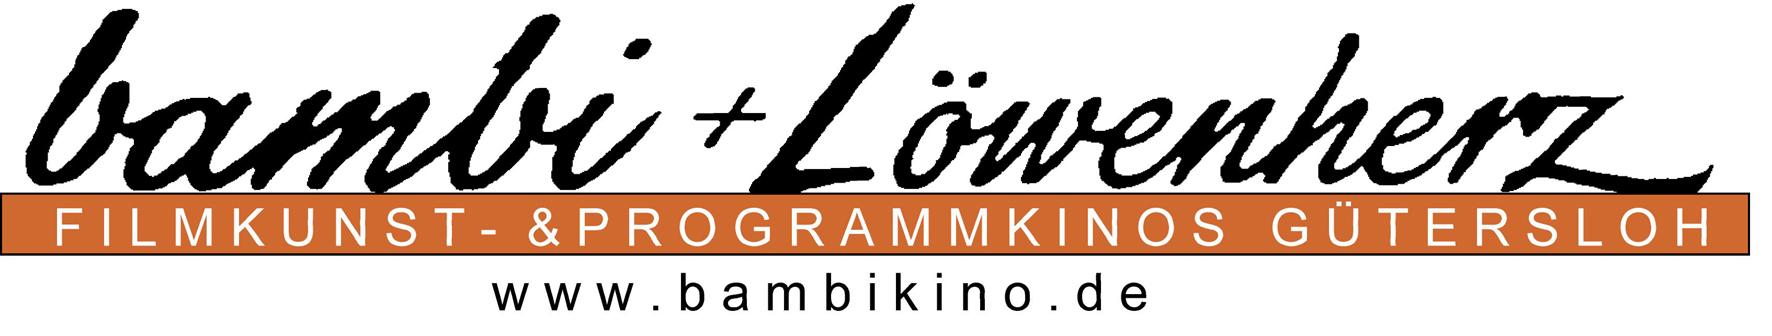 Logo: bambi + Löwenherz | Filmkunst- und Programmkinos